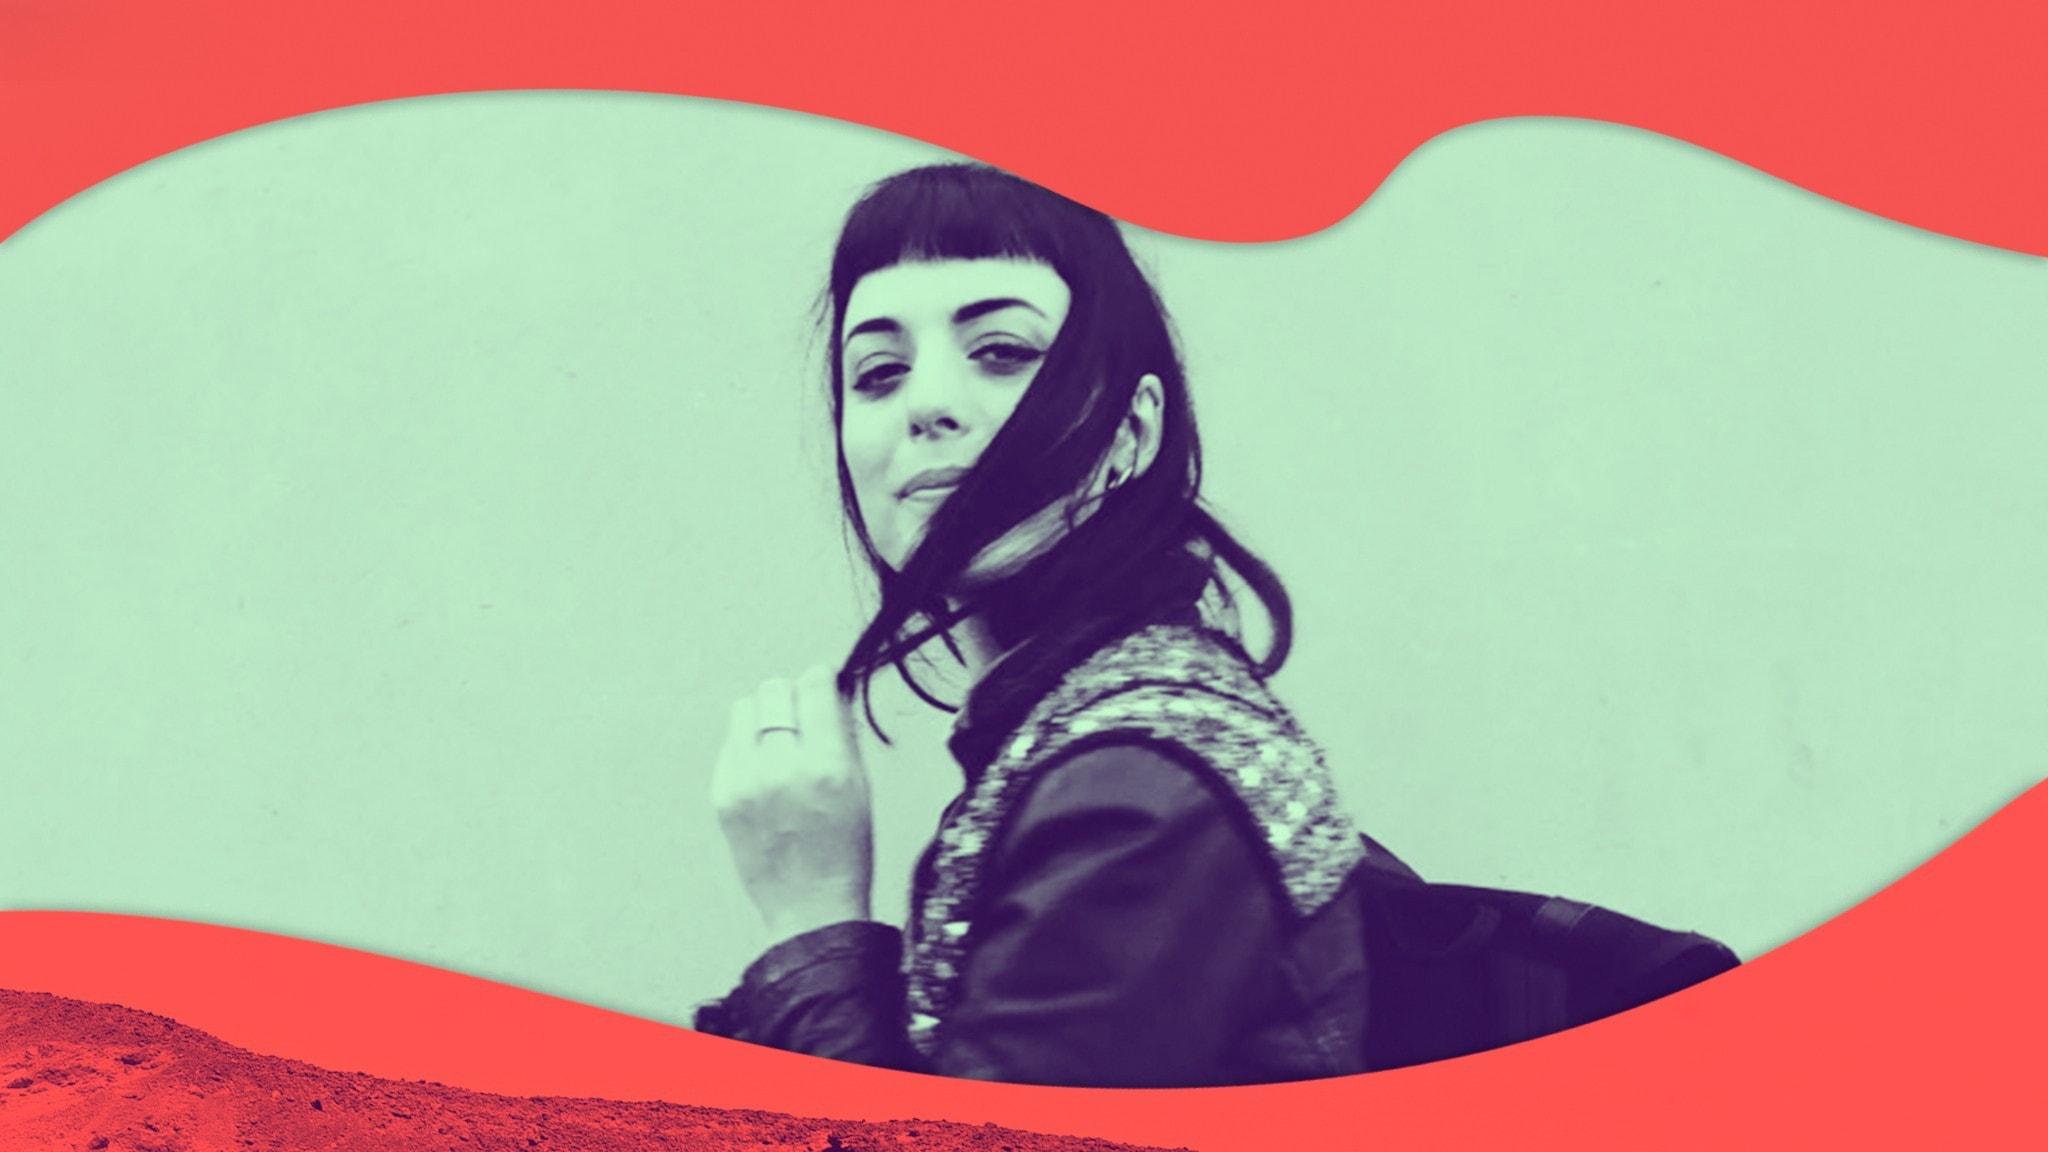 Maja står mot en vägg, pillar lite med håret och tittar in i kameran.